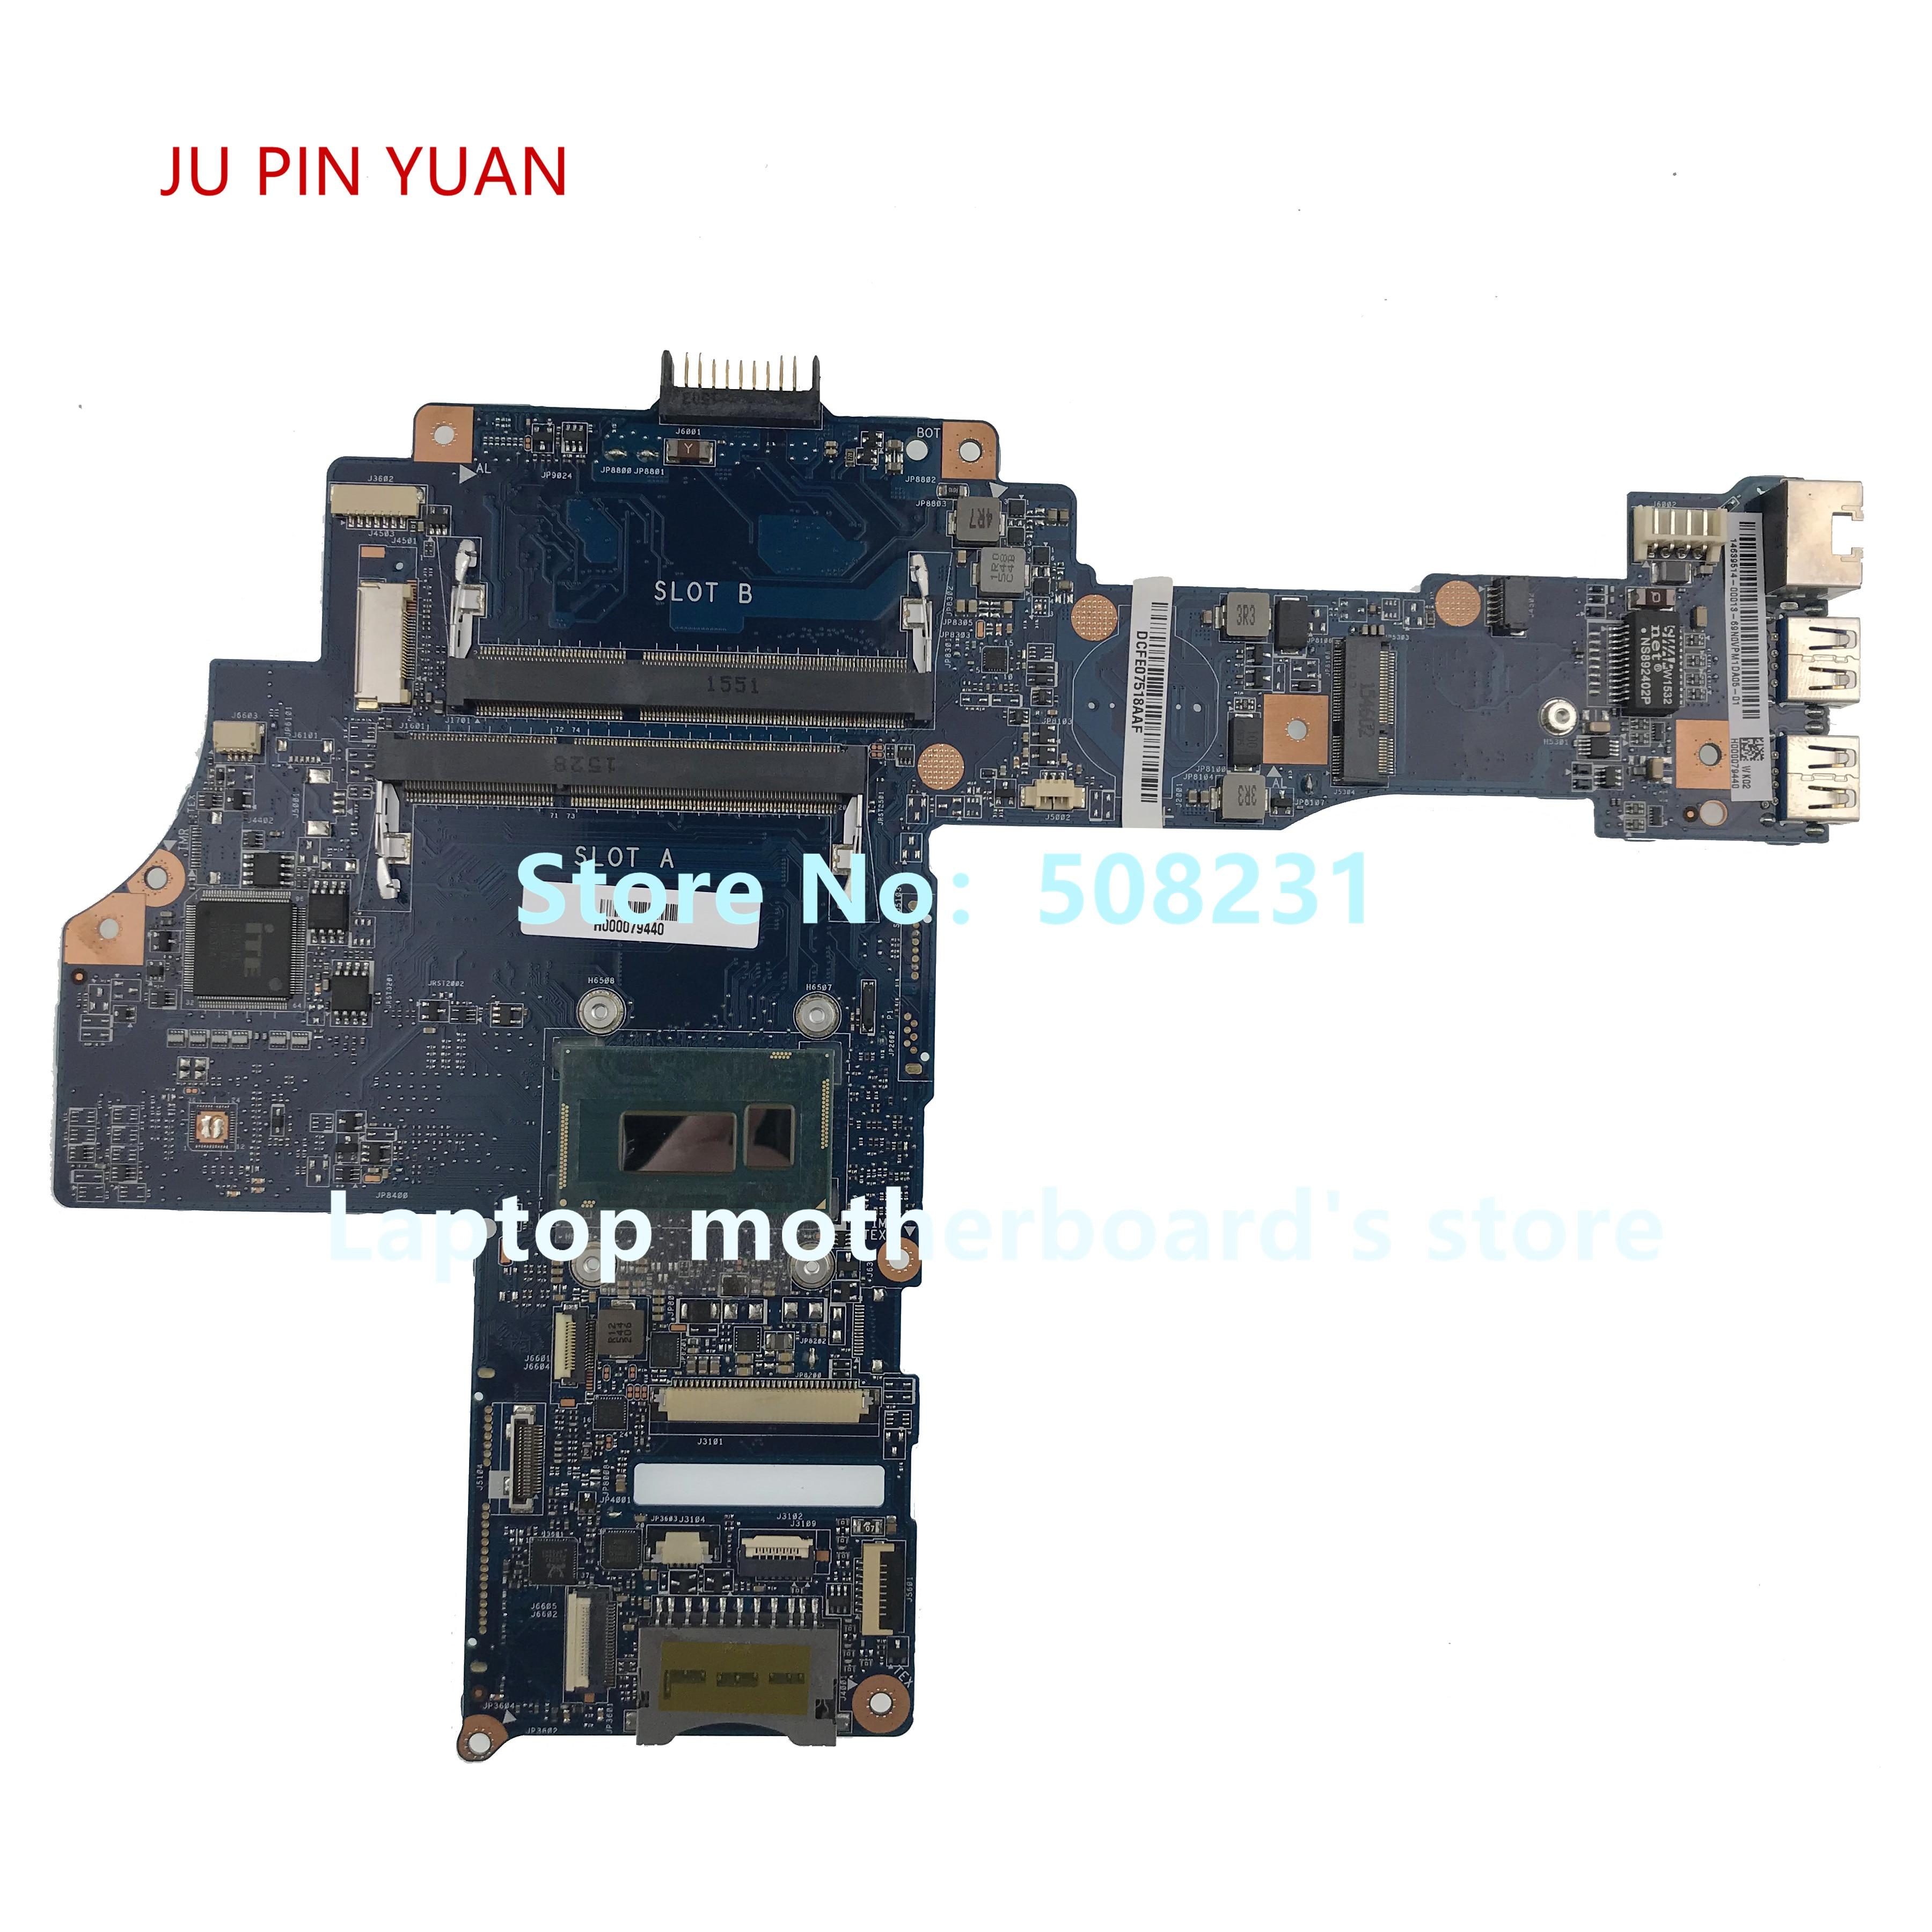 Placa Base H000079440 Para Ordenador Portátil Toshiba, E45T-B4200 satélite, E45-B Con i5-4210U...